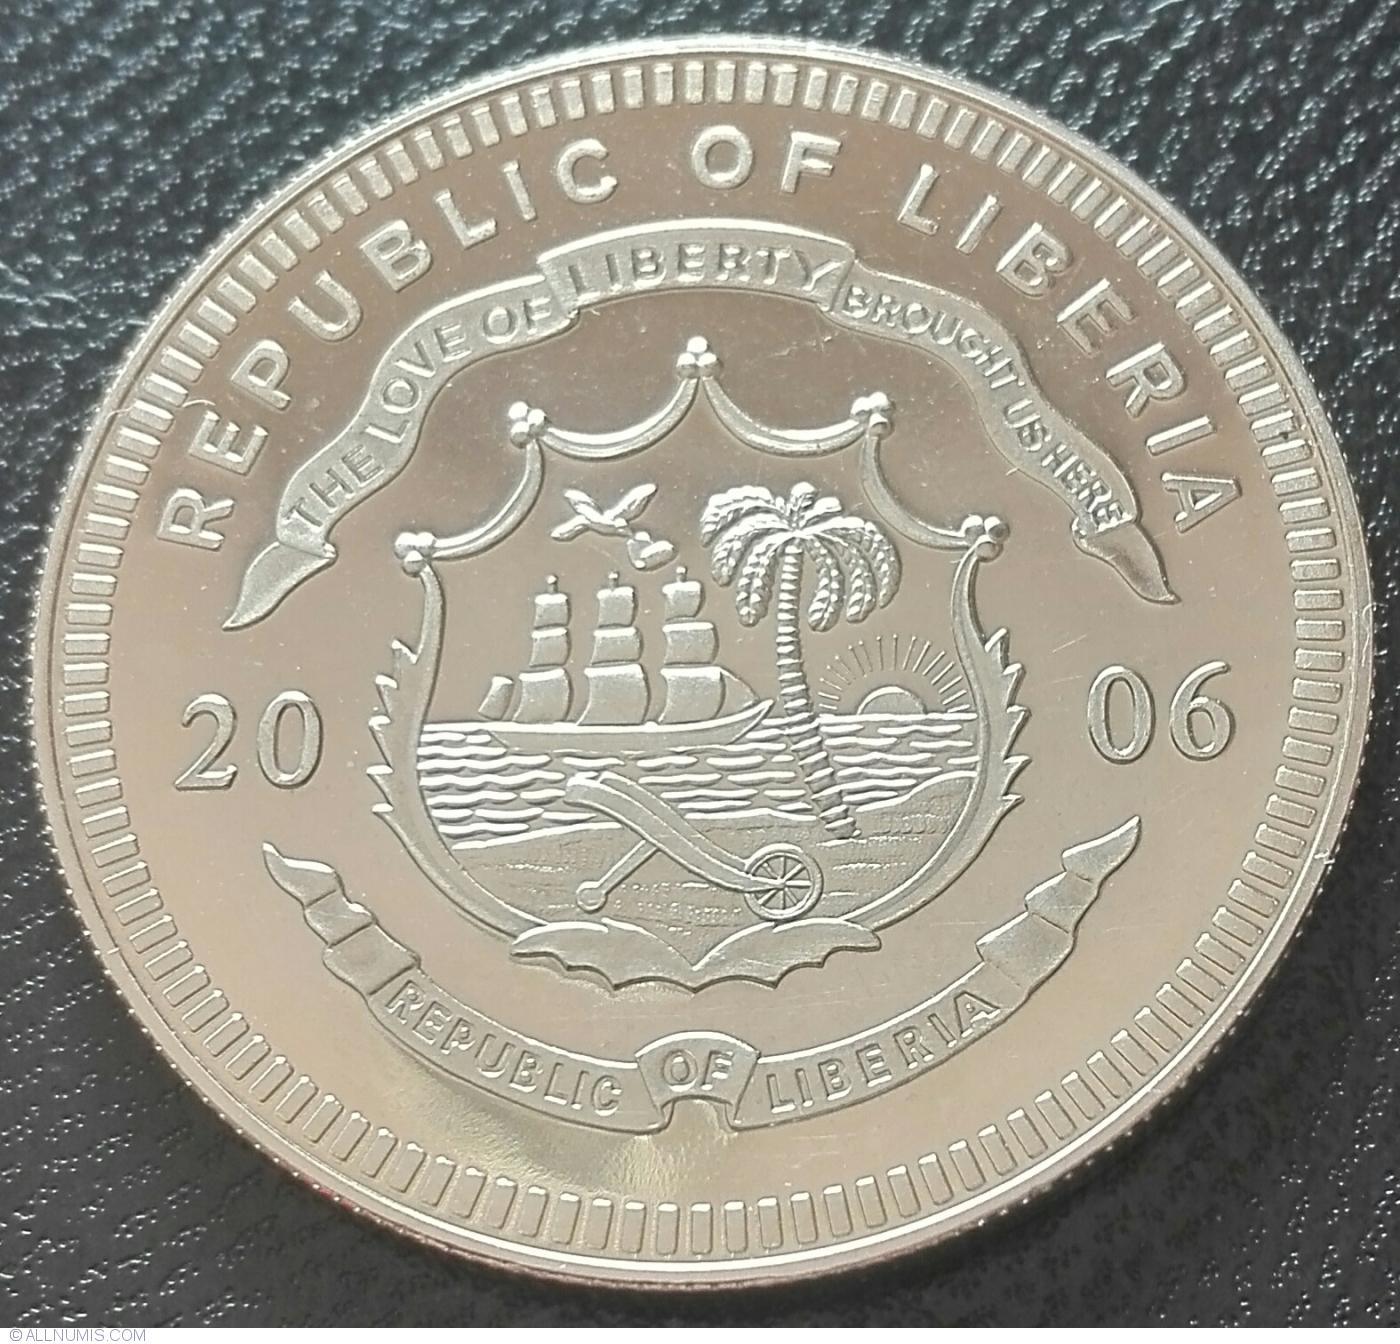 2001 Present Liberia Coin 42447